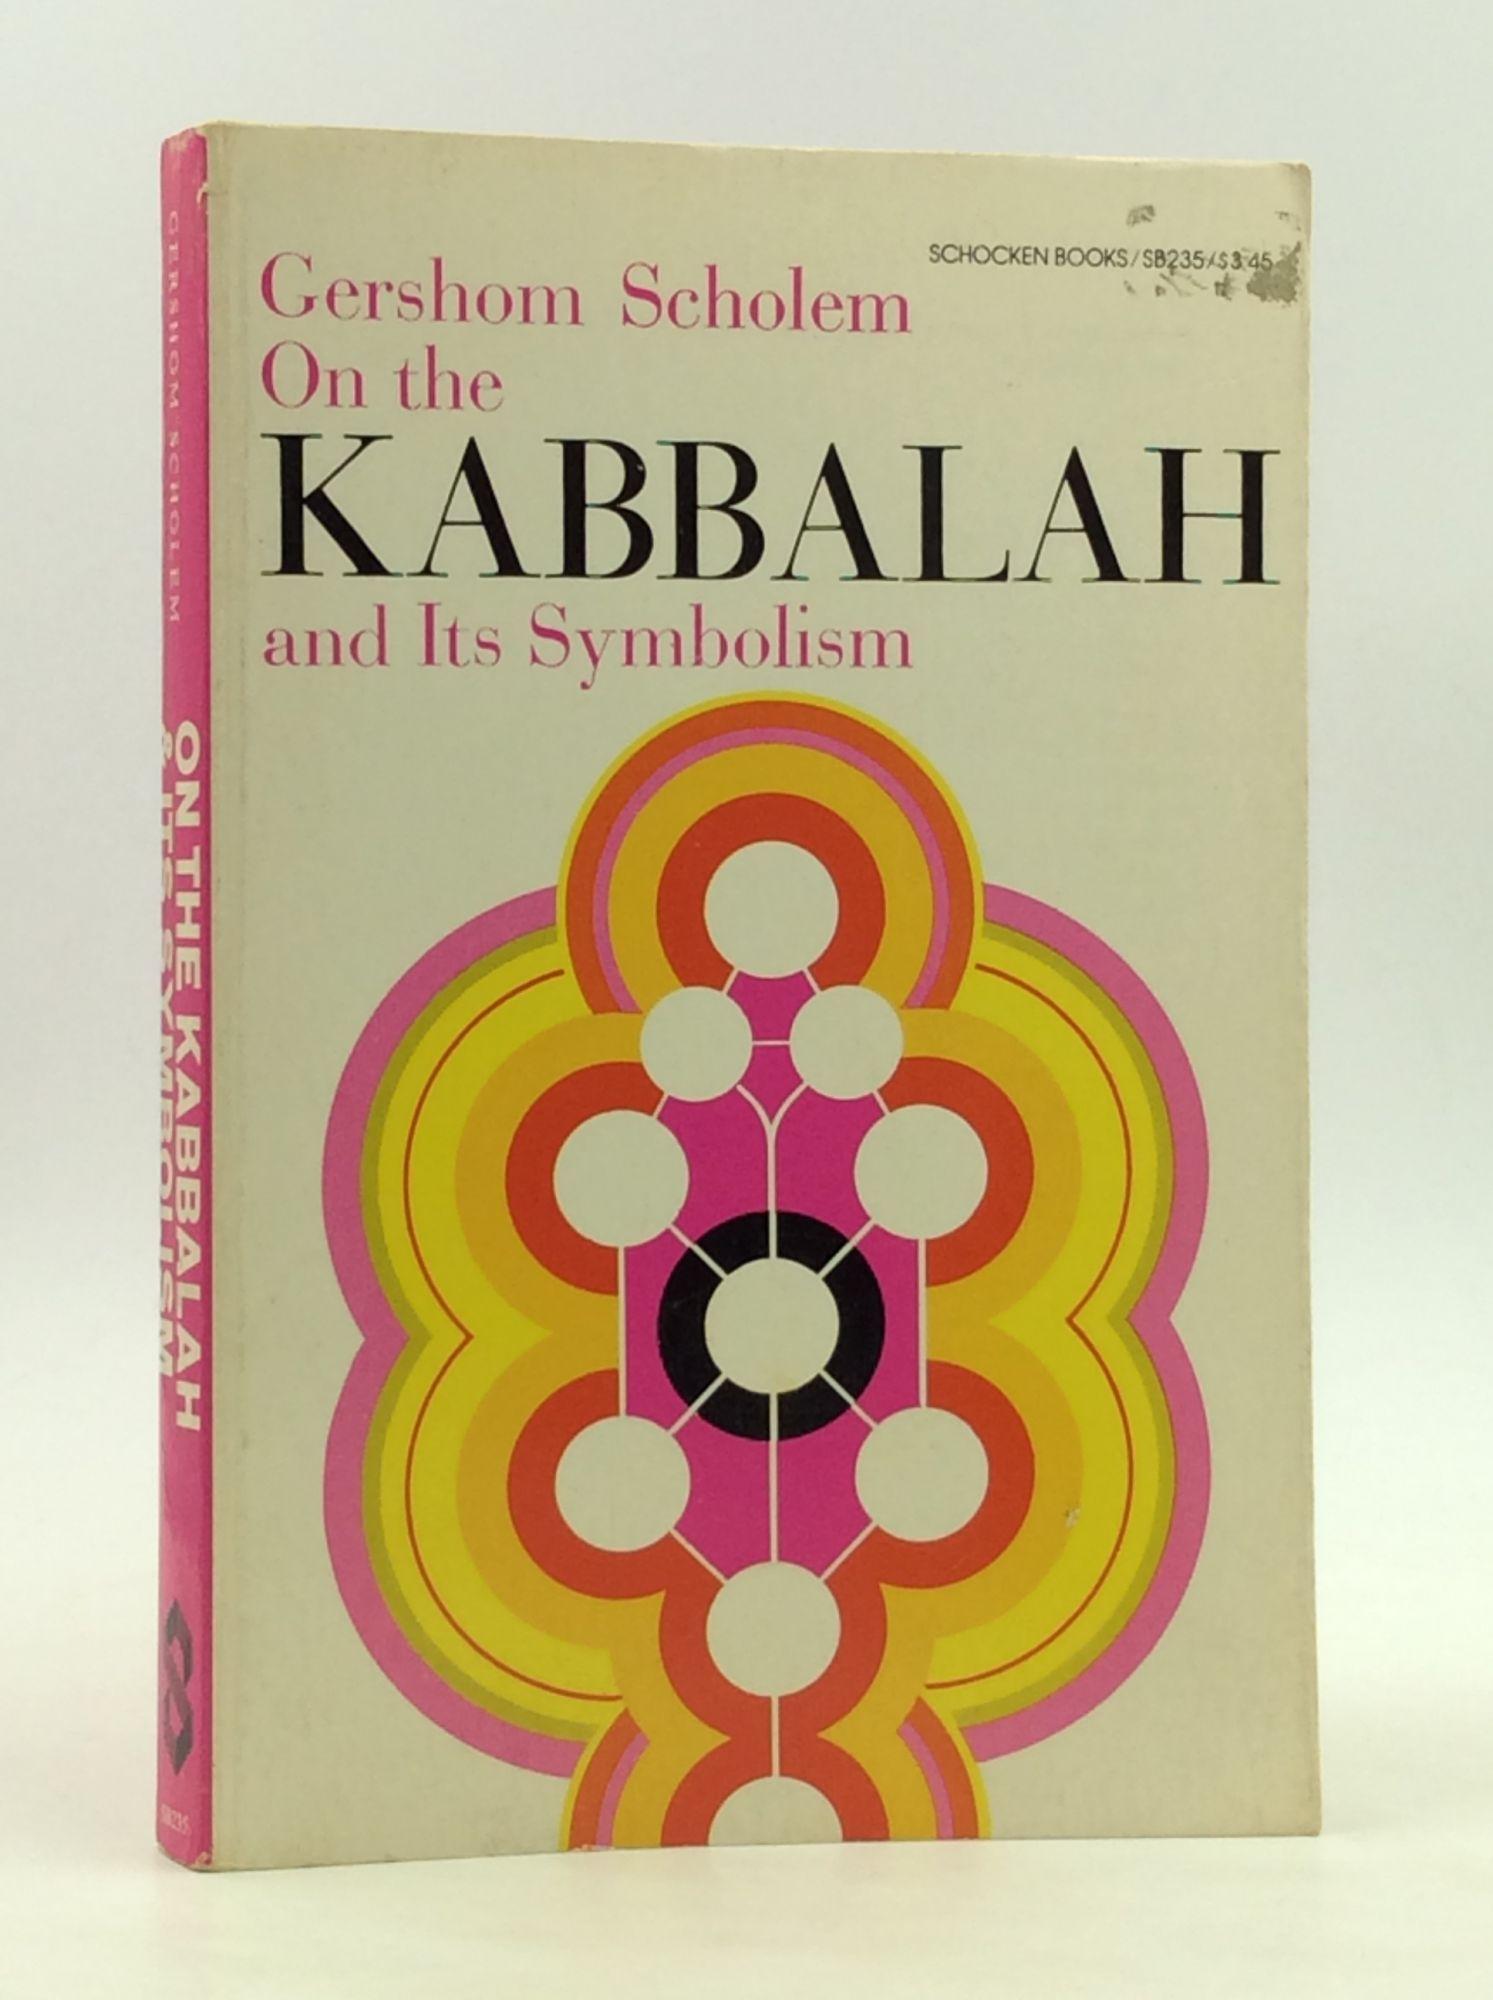 ON THE KABBALAH AND ITS SYMBOLISM: Gershom Scholem